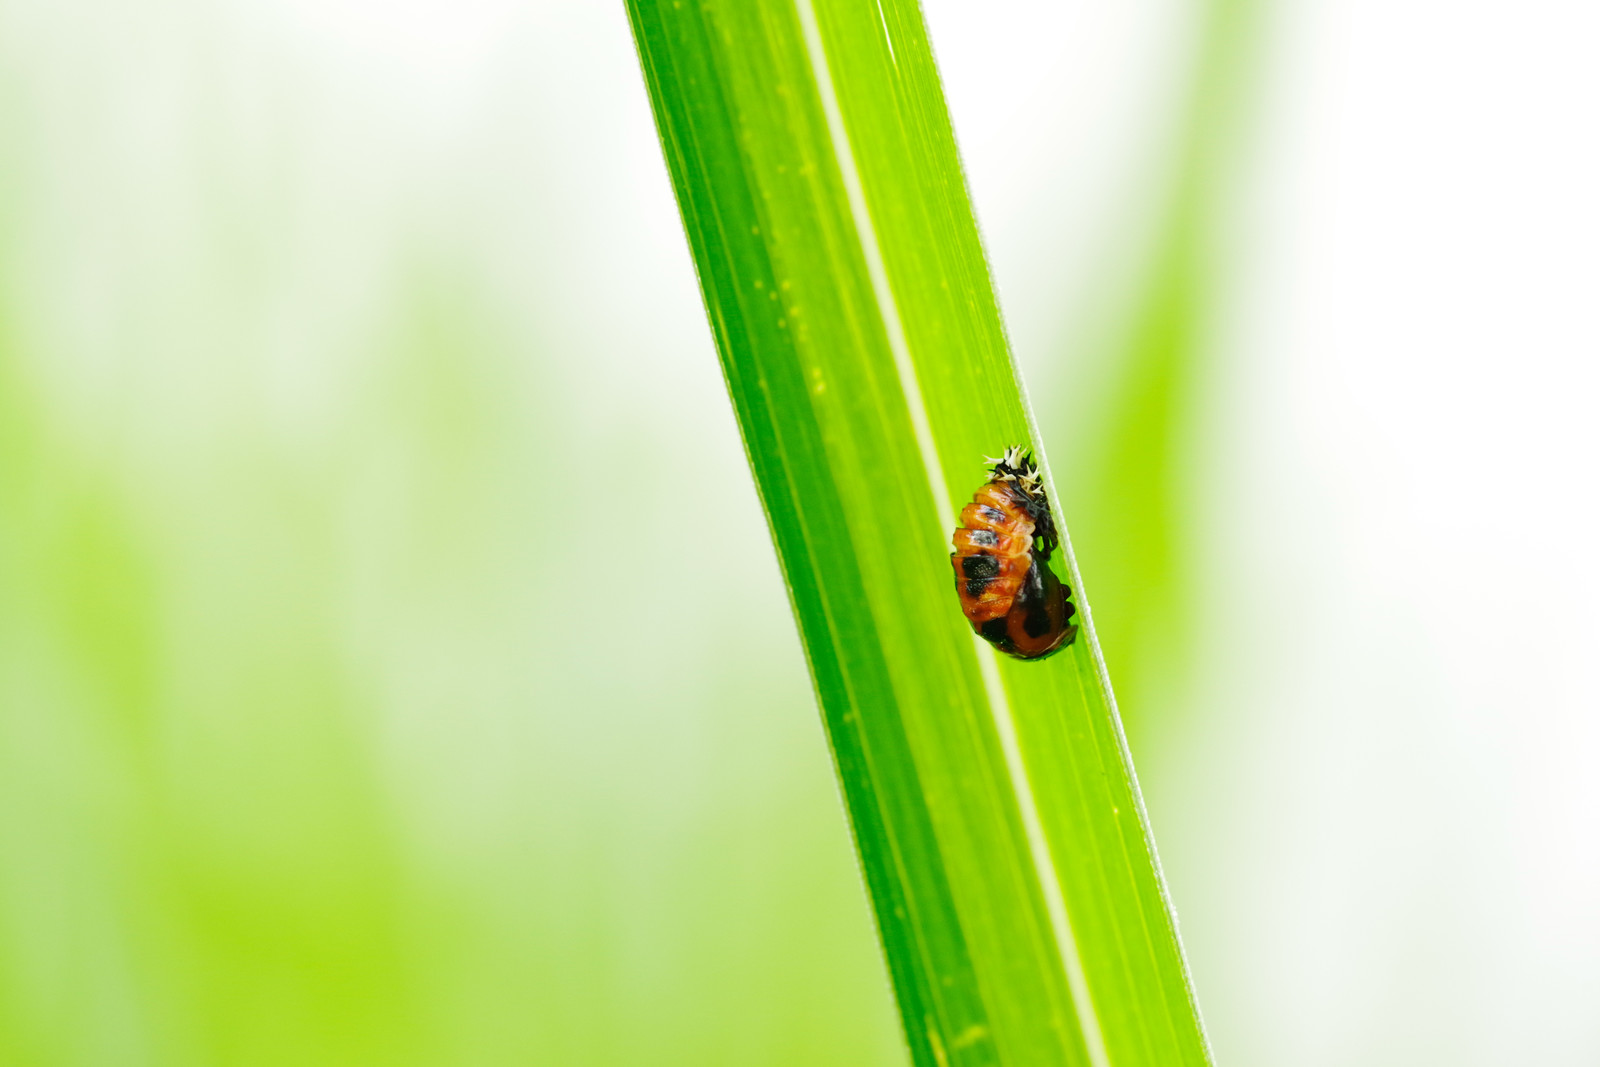 「茎をよじ登るしわしわしたてんとう虫」の写真